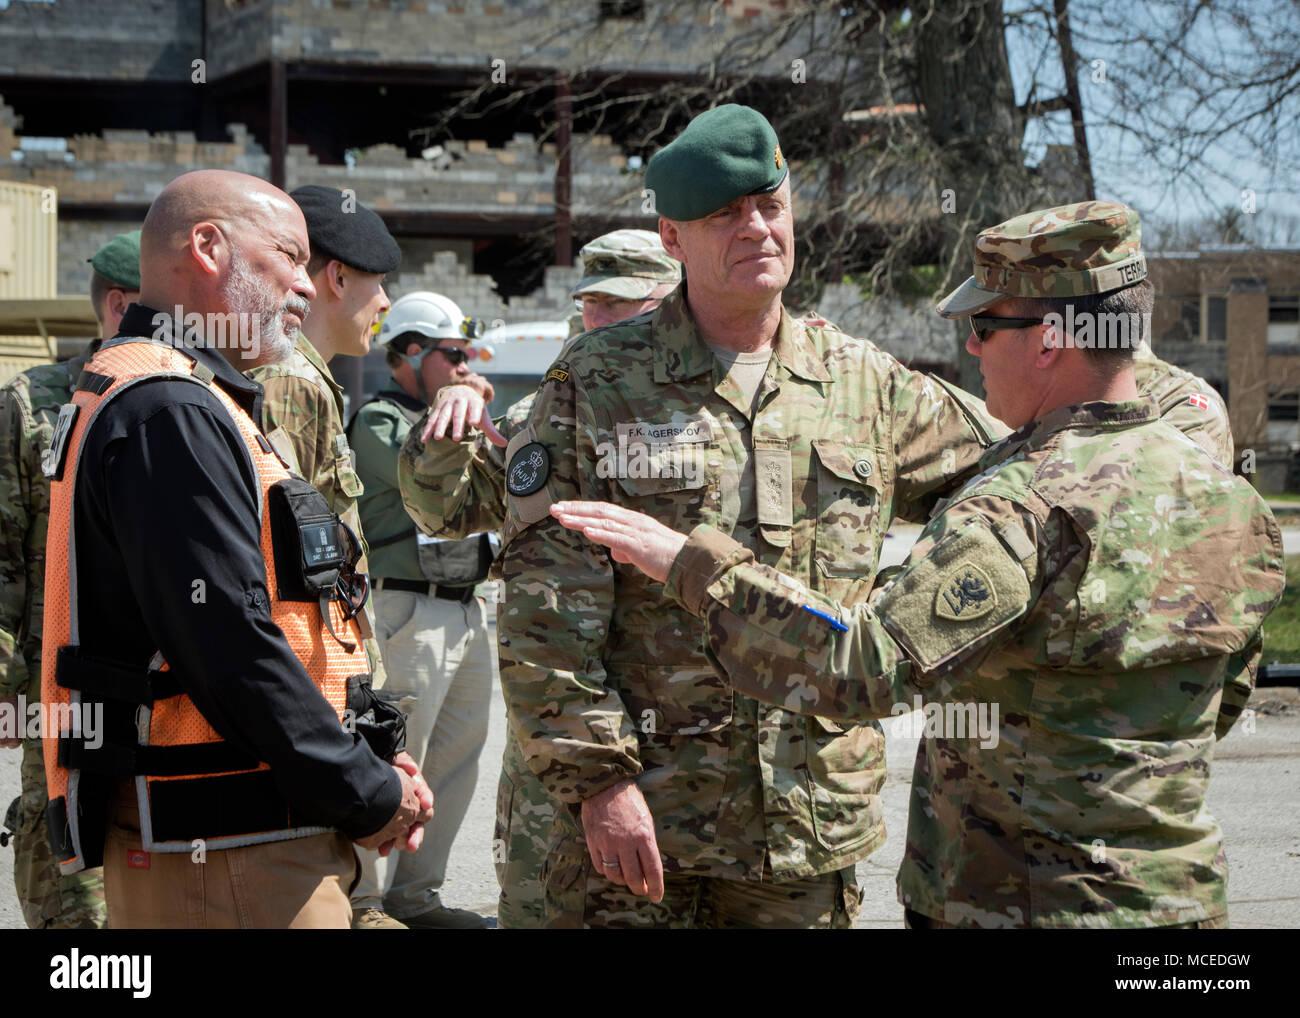 Le colonel de l'armée américaine Jeffrey Terrill, chef d'état-major interarmées pour la Michigan Army National Guard, donne un exposé de la réponse dynamique de formation à l'exercice 18 Le colonel danois Fleming Agerskov Muscatatuck au centre de formation en milieu urbain, de l'Indiana, le 13 avril 2018. Au nord de l'armée tient un exercice de réponse dynamique chaque année dans le cadre de sa mission de former les militaires du pays une capacité d'intervention CBRN. Tout au long du mois d'avril, environ 5 000 militaires permettra de former dans l'aviation, de médecine, d'ingénierie, de logistique et d'autres tâches de sauvetage au cours de l'exercice simulant une catastrophe pour l'environnement exigeant. (U.S. Nationale de l'Armée de Gua Photo Stock